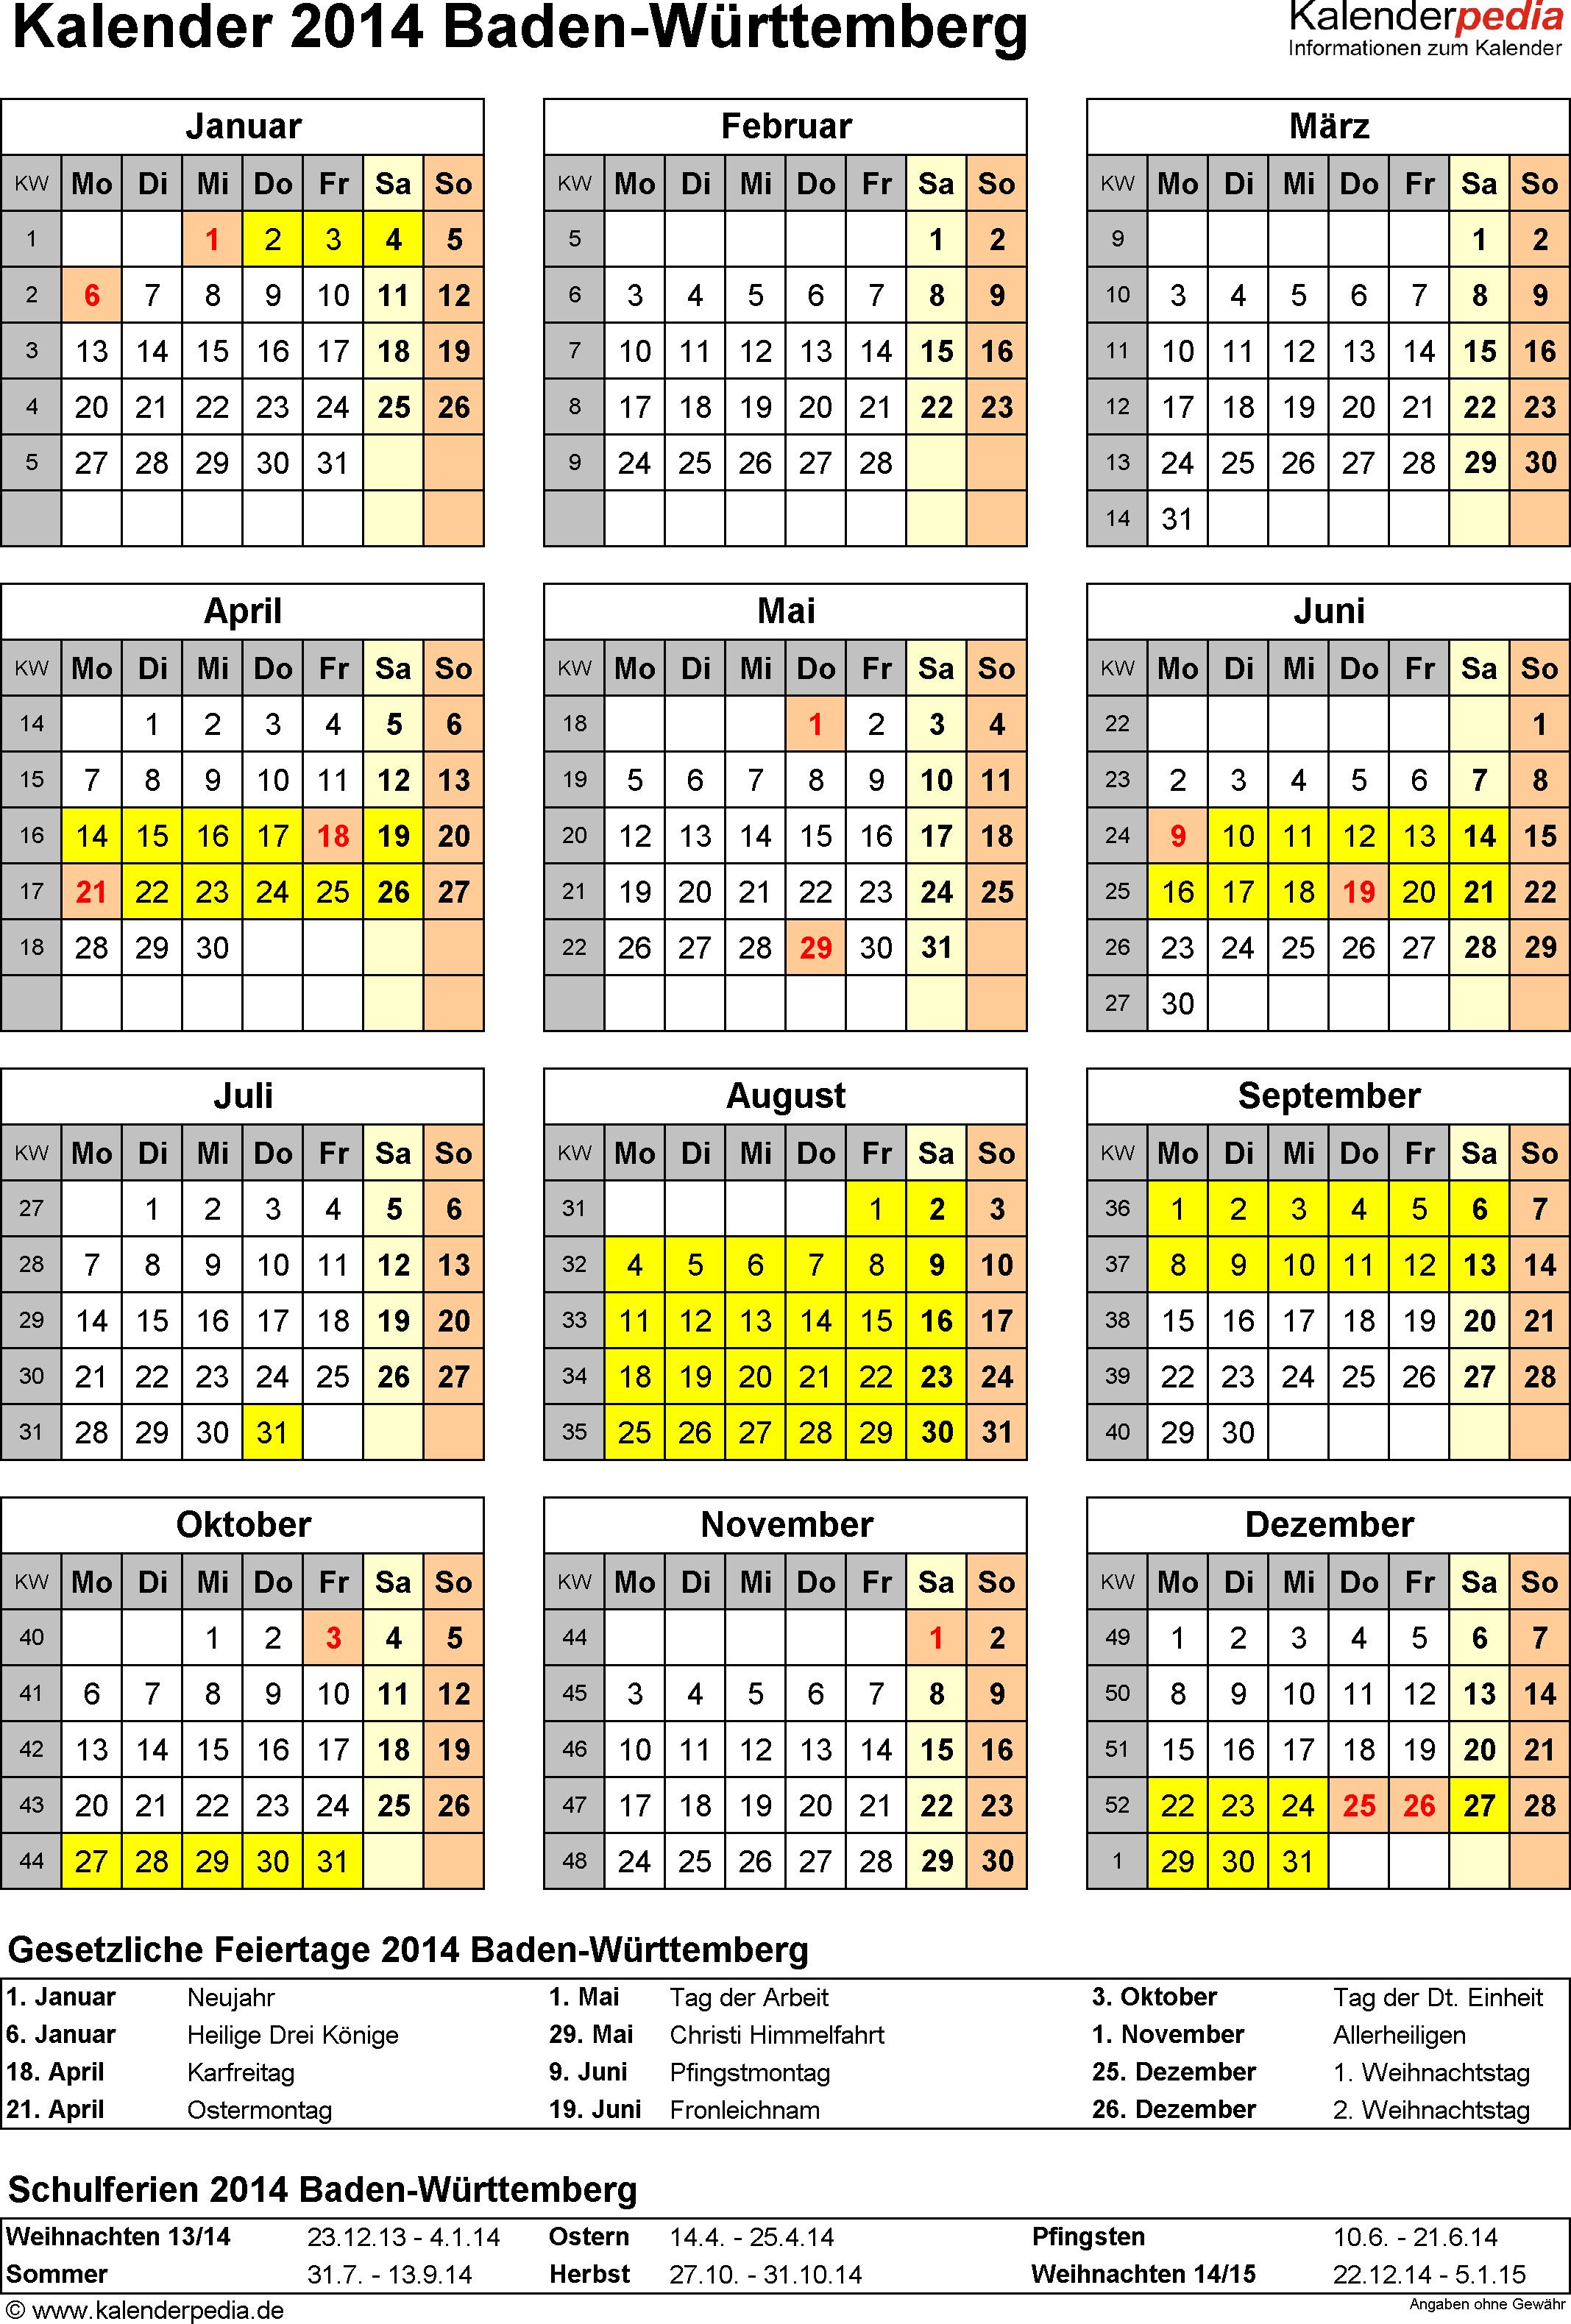 Vorlage 4: Kalender Baden-Württemberg 2014 als Word-Vorlage (Hochformat)